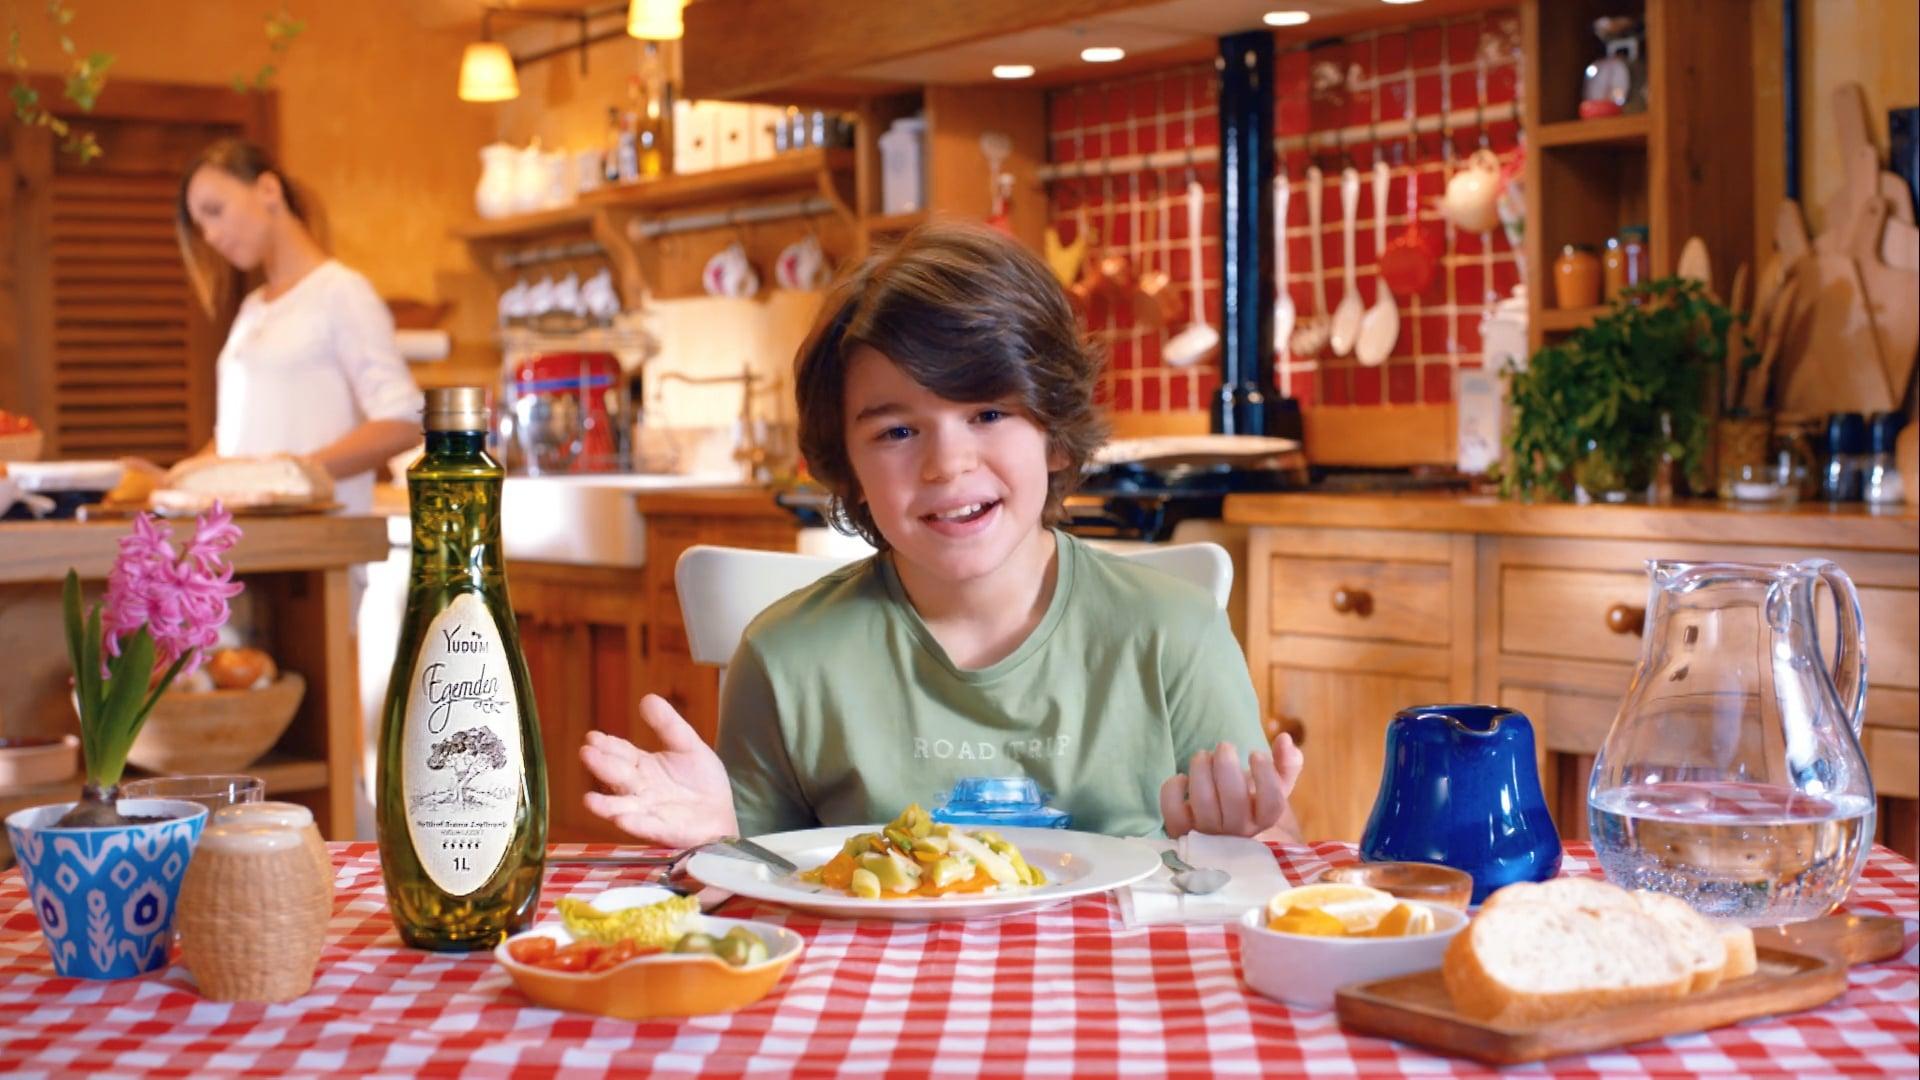 Bora Egemen-Egemden Olive Oil Kid